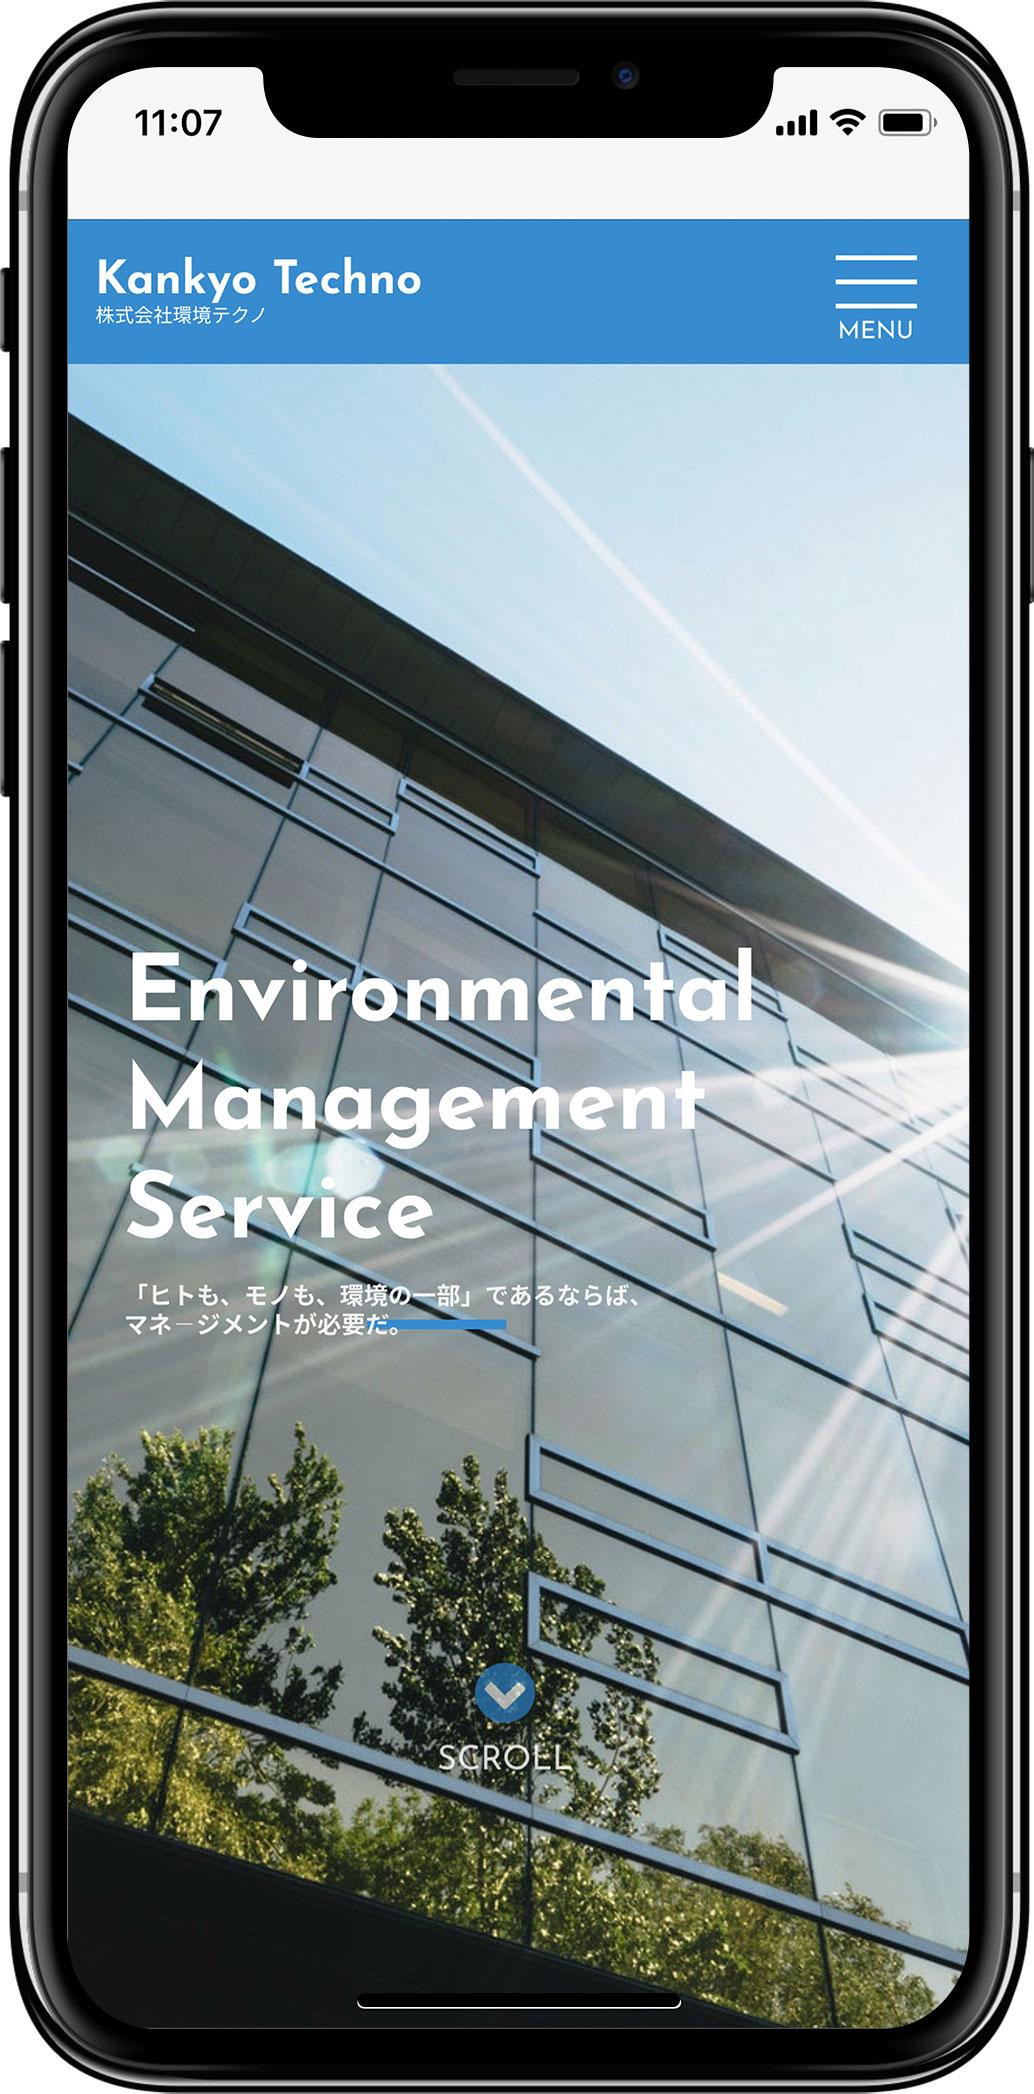 株式会社環境テクノ様のコーポレートサイトを新規制作しましたスマートフォンの見た目